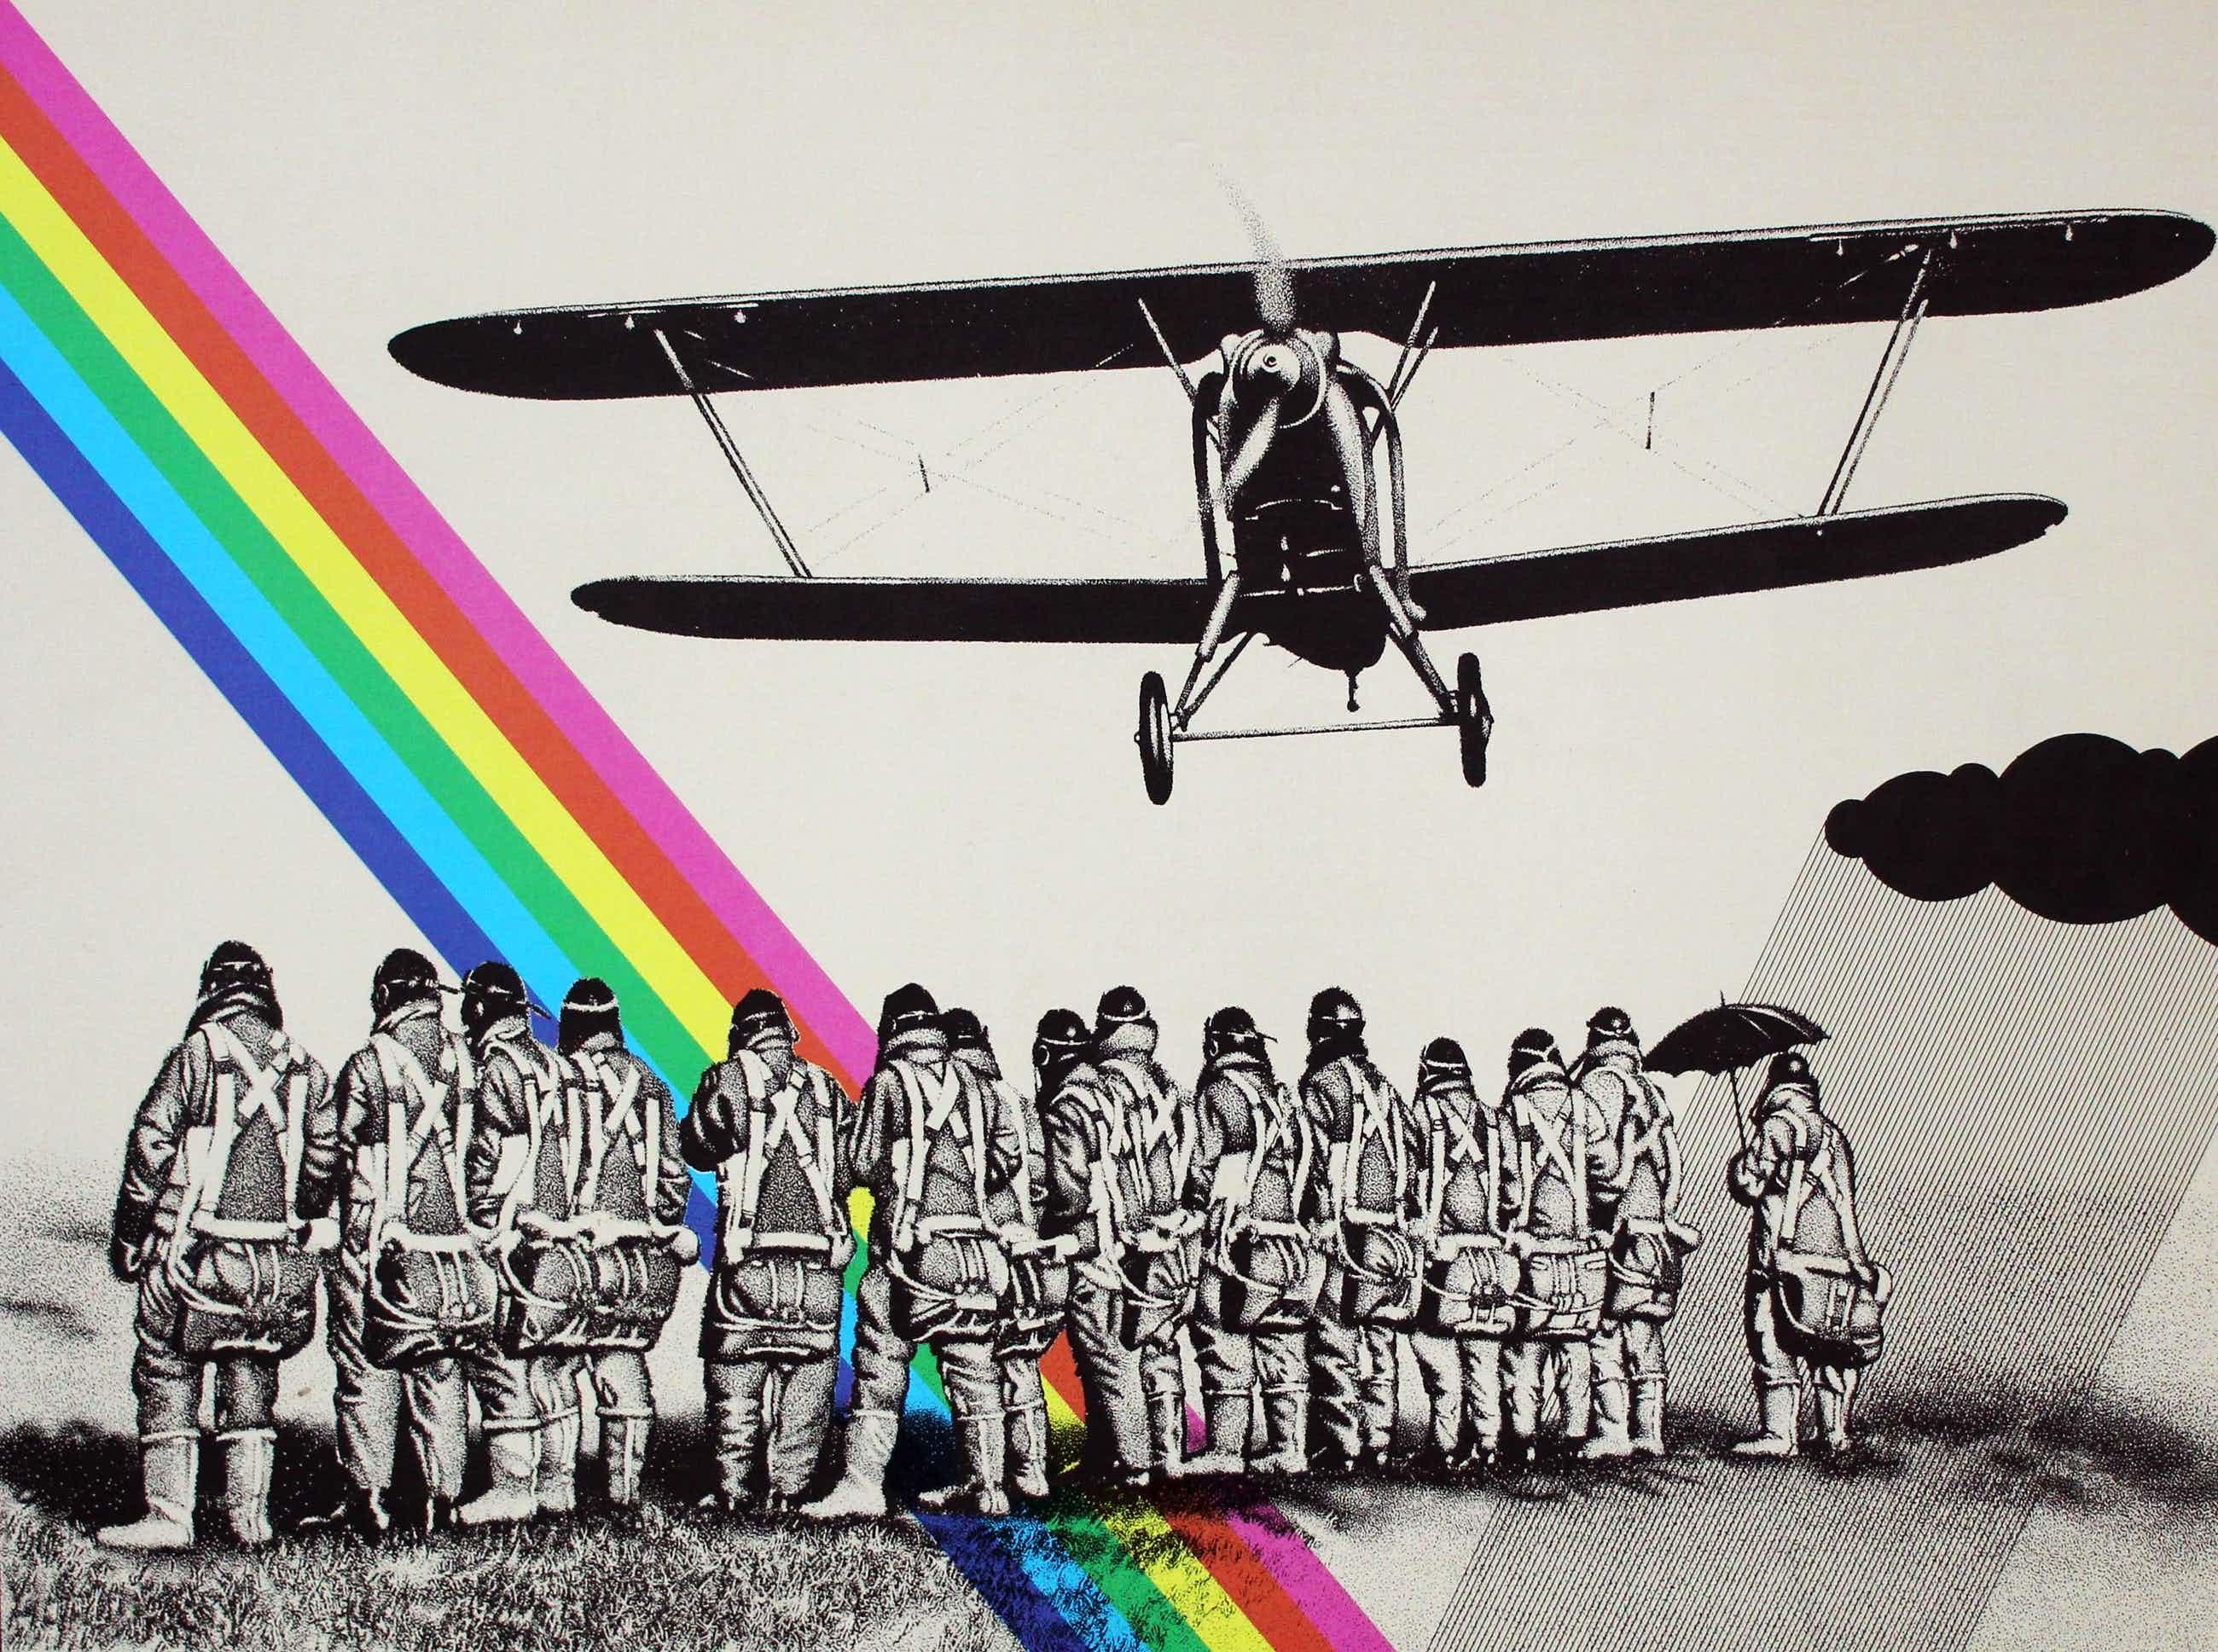 Ger Siks - Zeefdruk: First solo flight Petersborough - 1977 kopen? Bied vanaf 70!